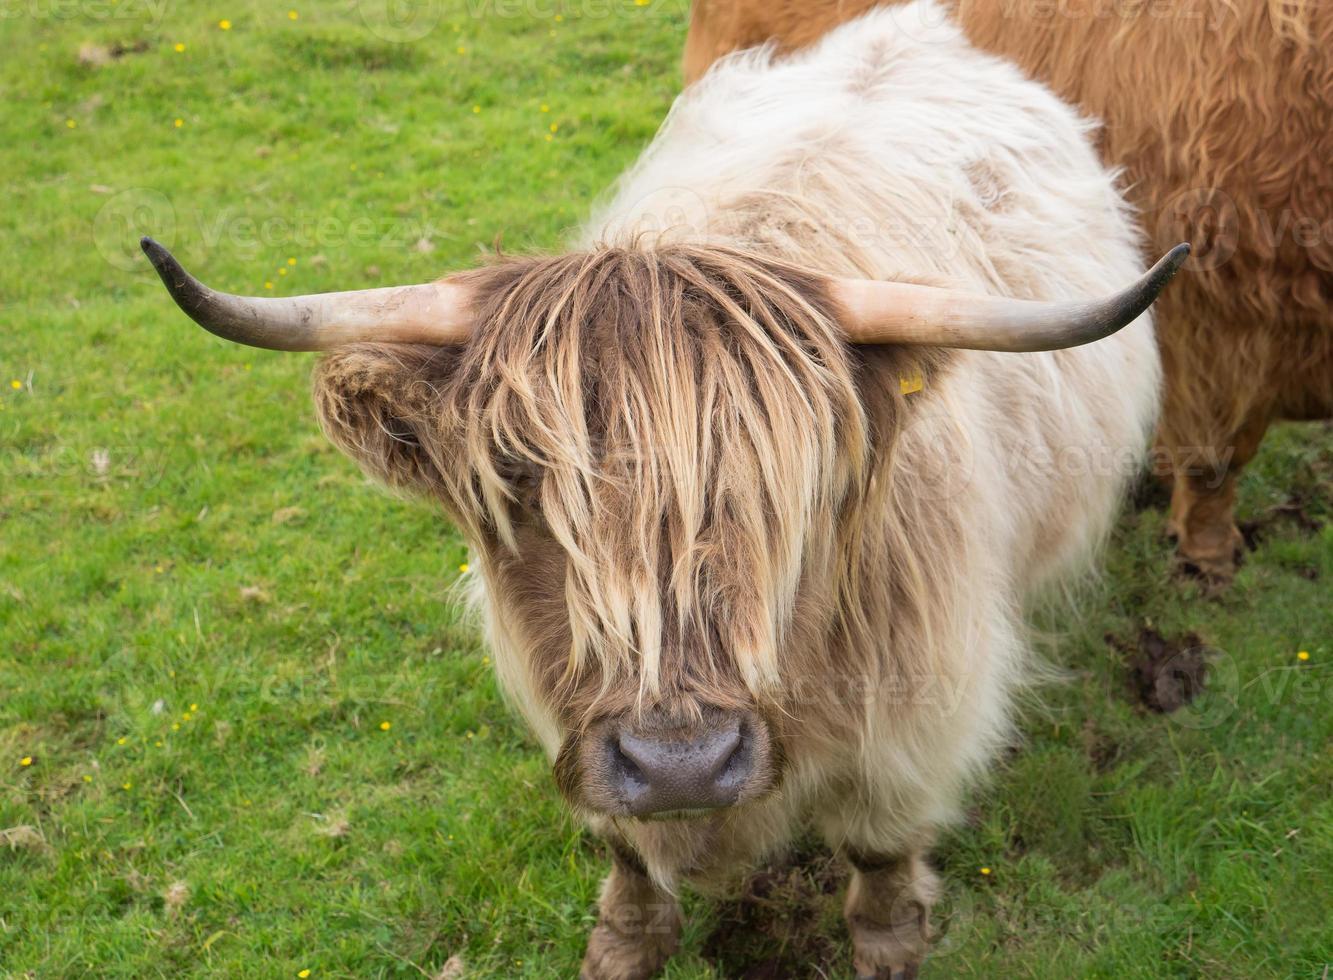 vaca de las tierras altas de scittish foto